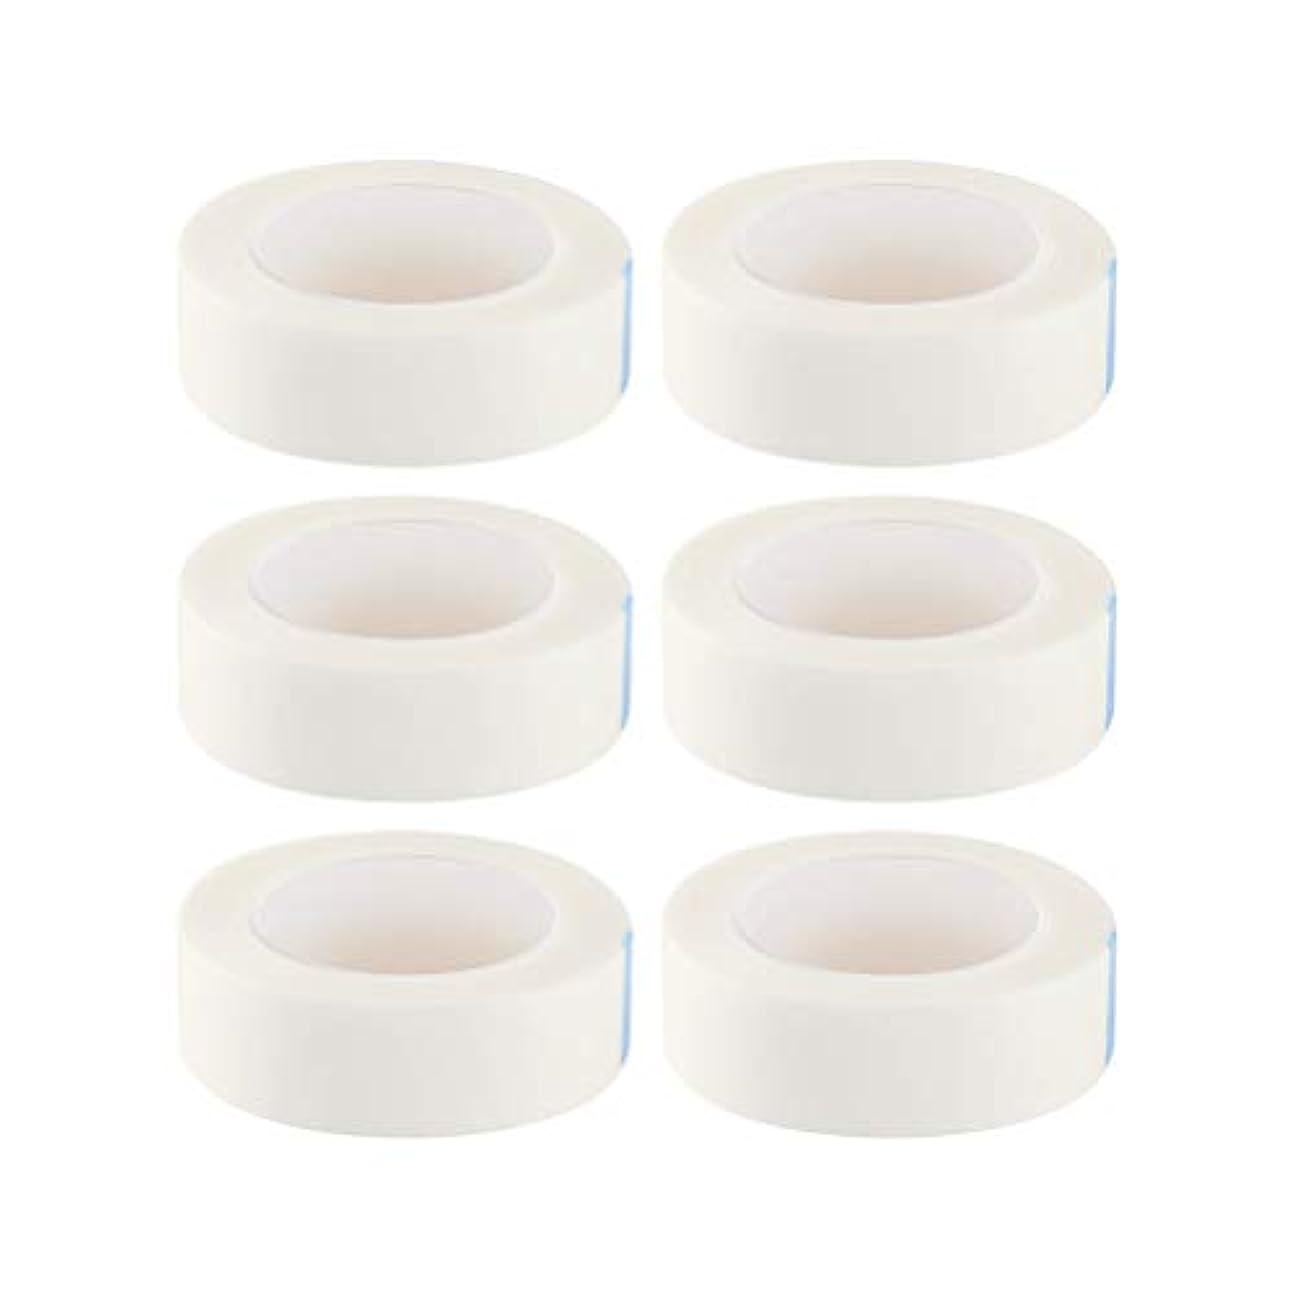 メーカー翻訳するまたねHealifty 12ロール まつげテープ まつげエクステ 不織布テープ 接着ステッカー  睫毛 エクステンション